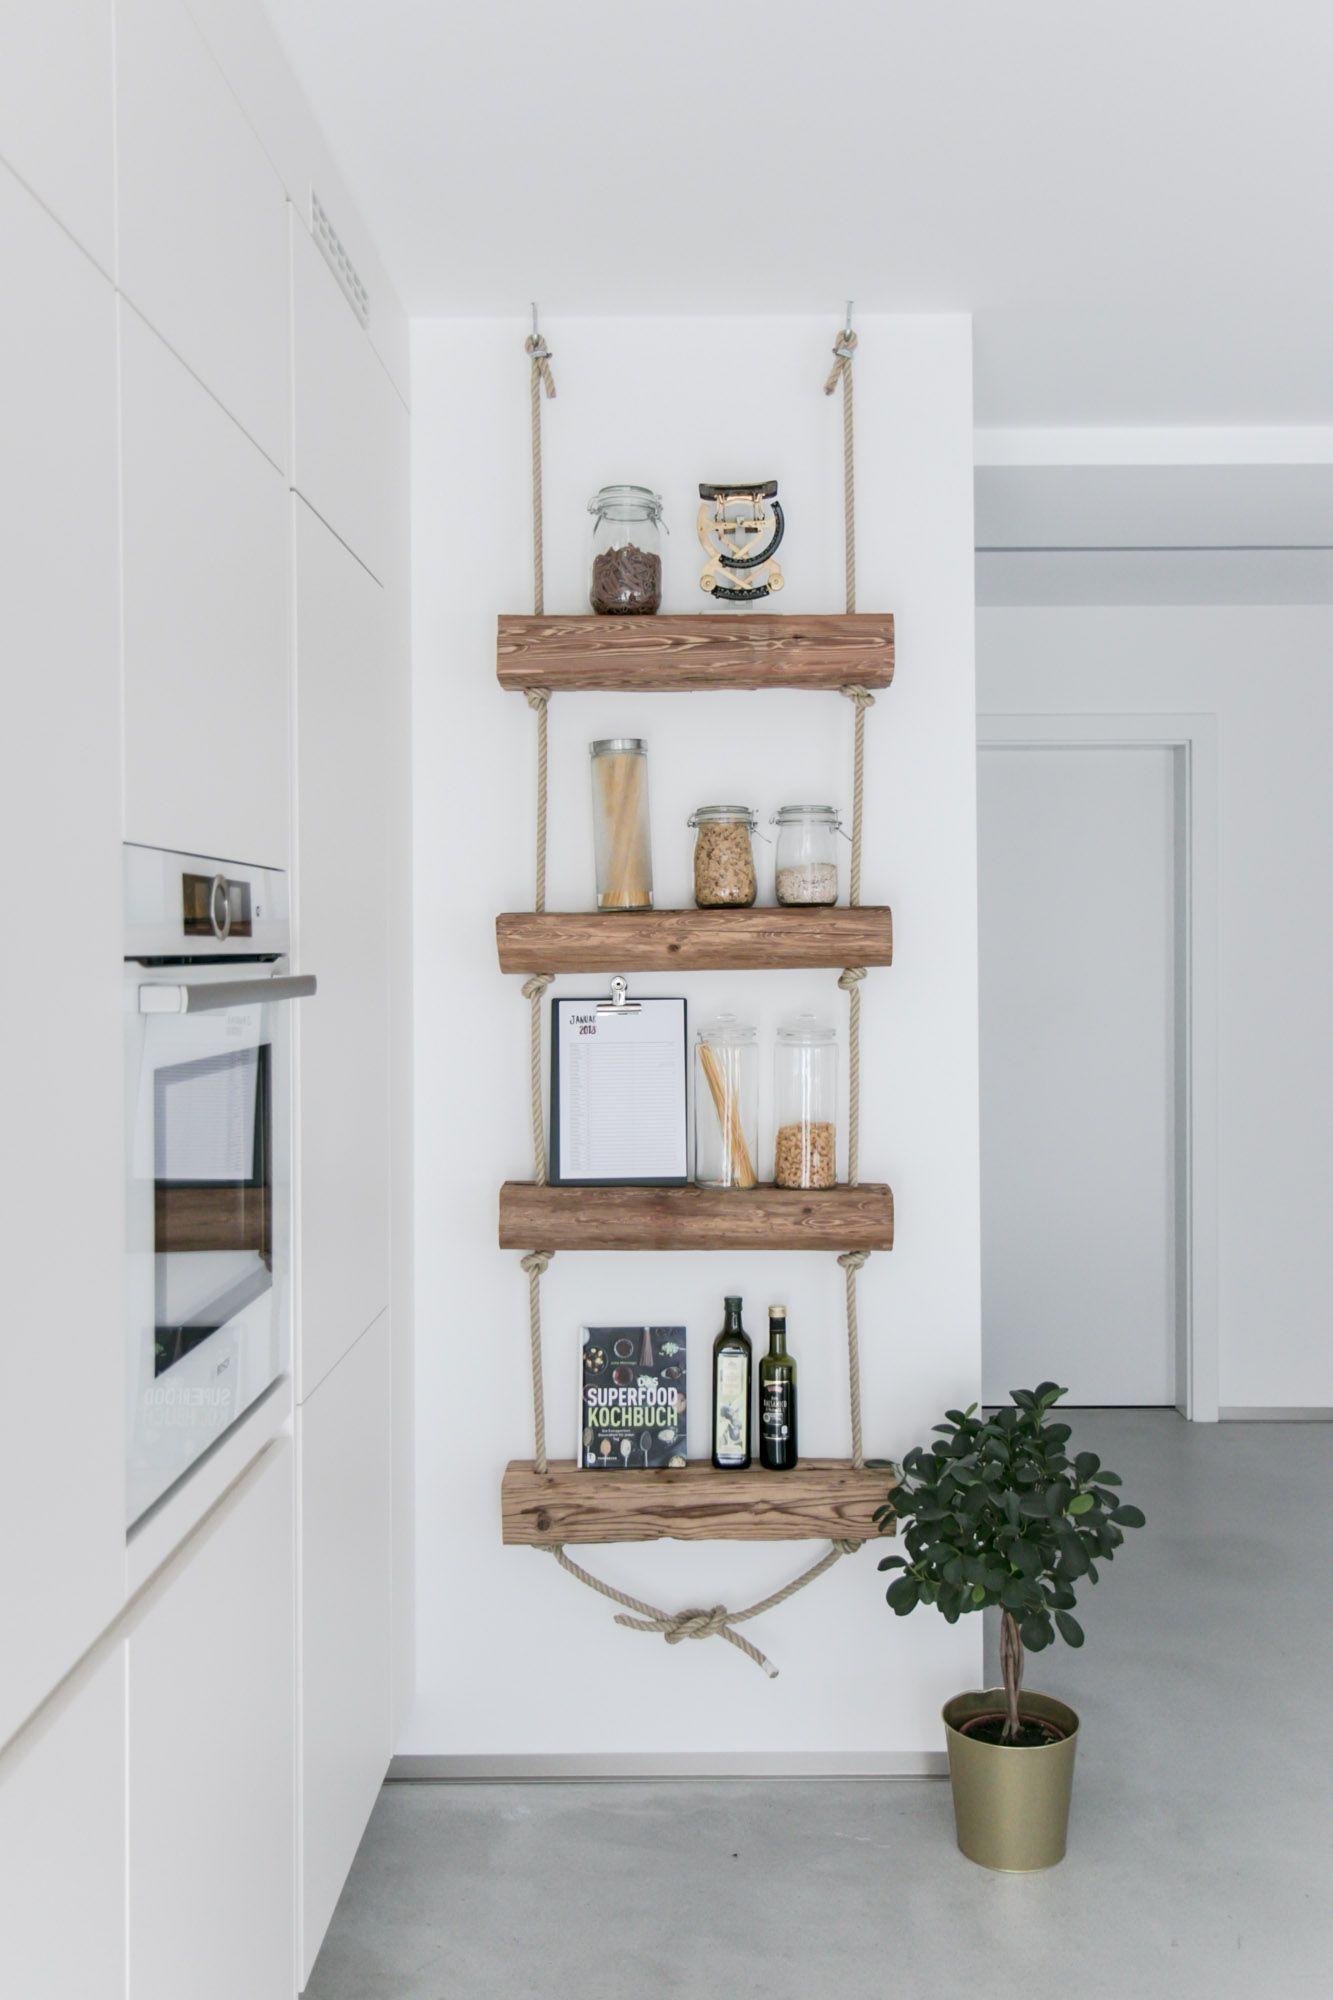 DIY Regal: Regal aus Altholz zum Selbermachen mit Anleitung #zuhausediy